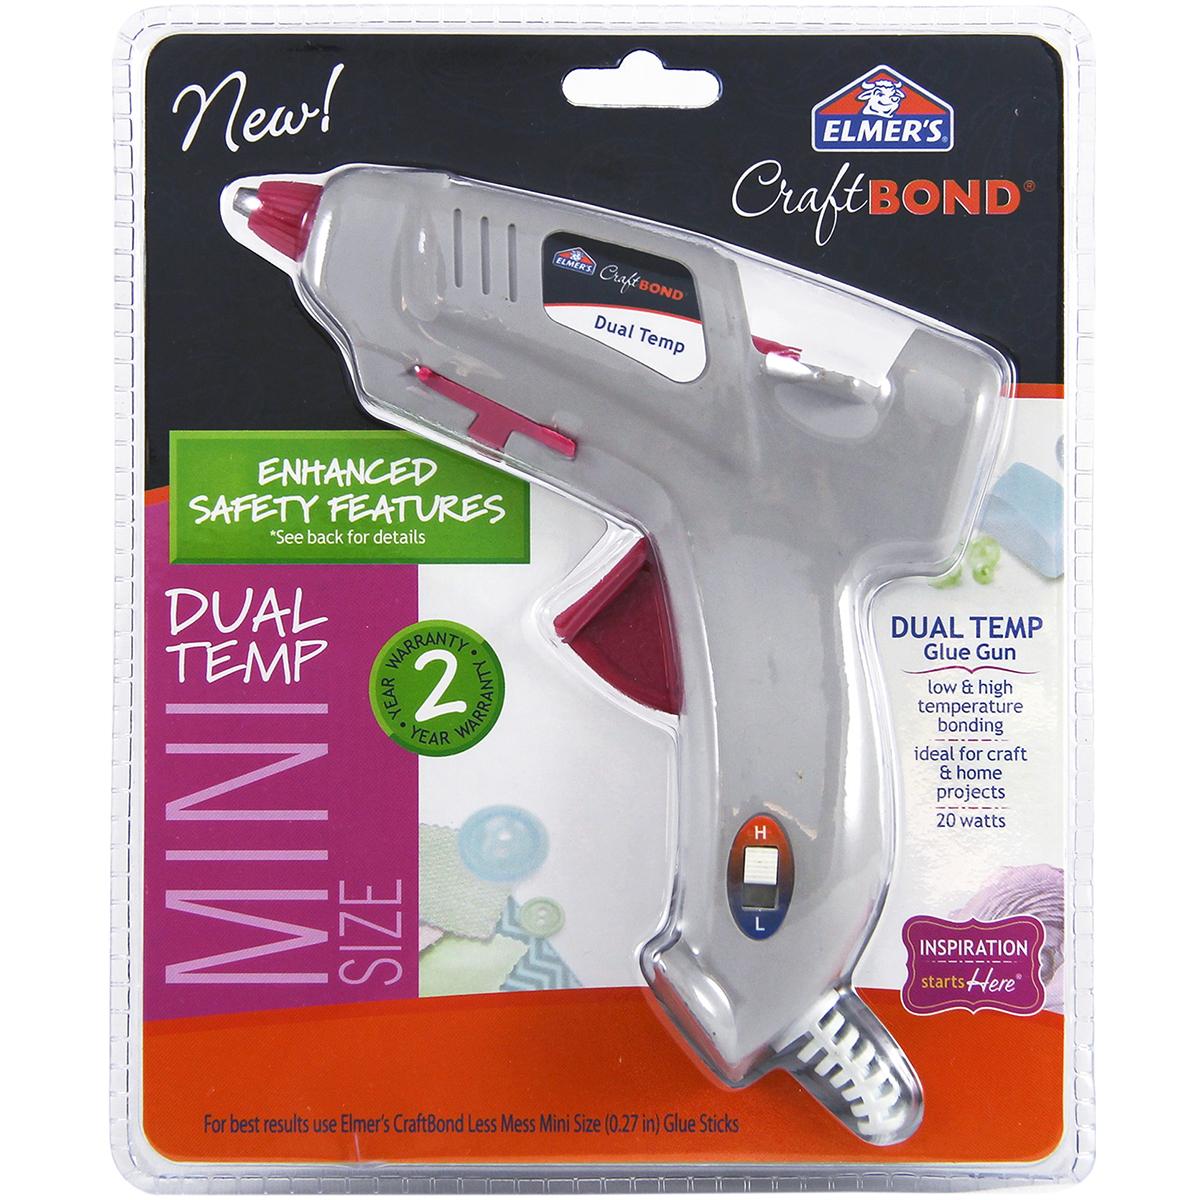 Elmer's CraftBond Dual-Temp Mini Glue Gun